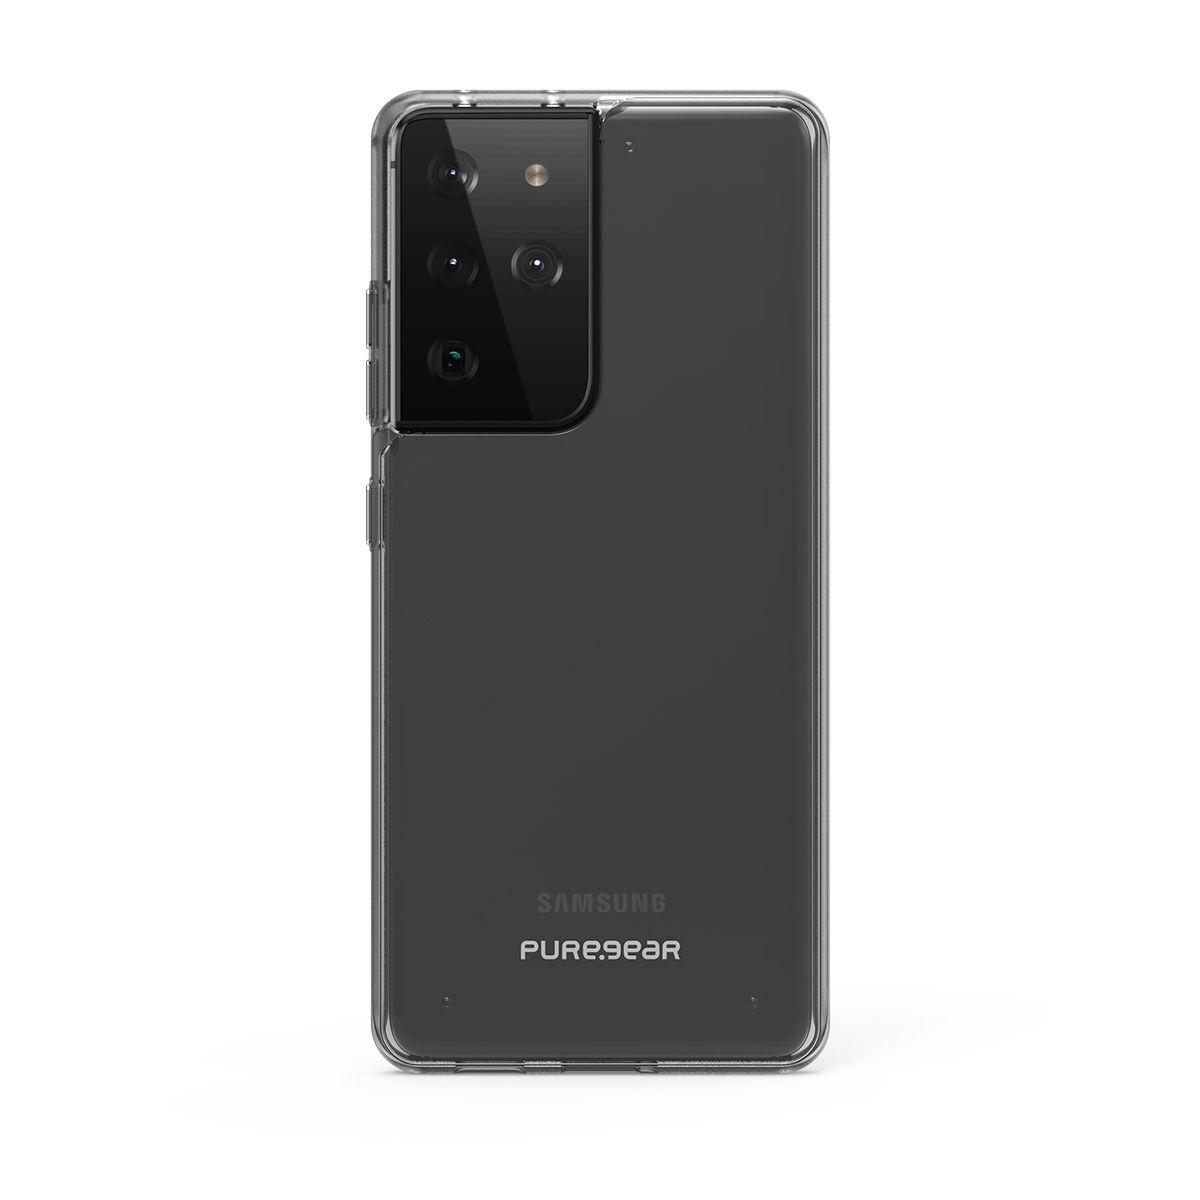 Samsung Galaxy S21 Ultra 5G Slim Shell Case - Clear/Clear